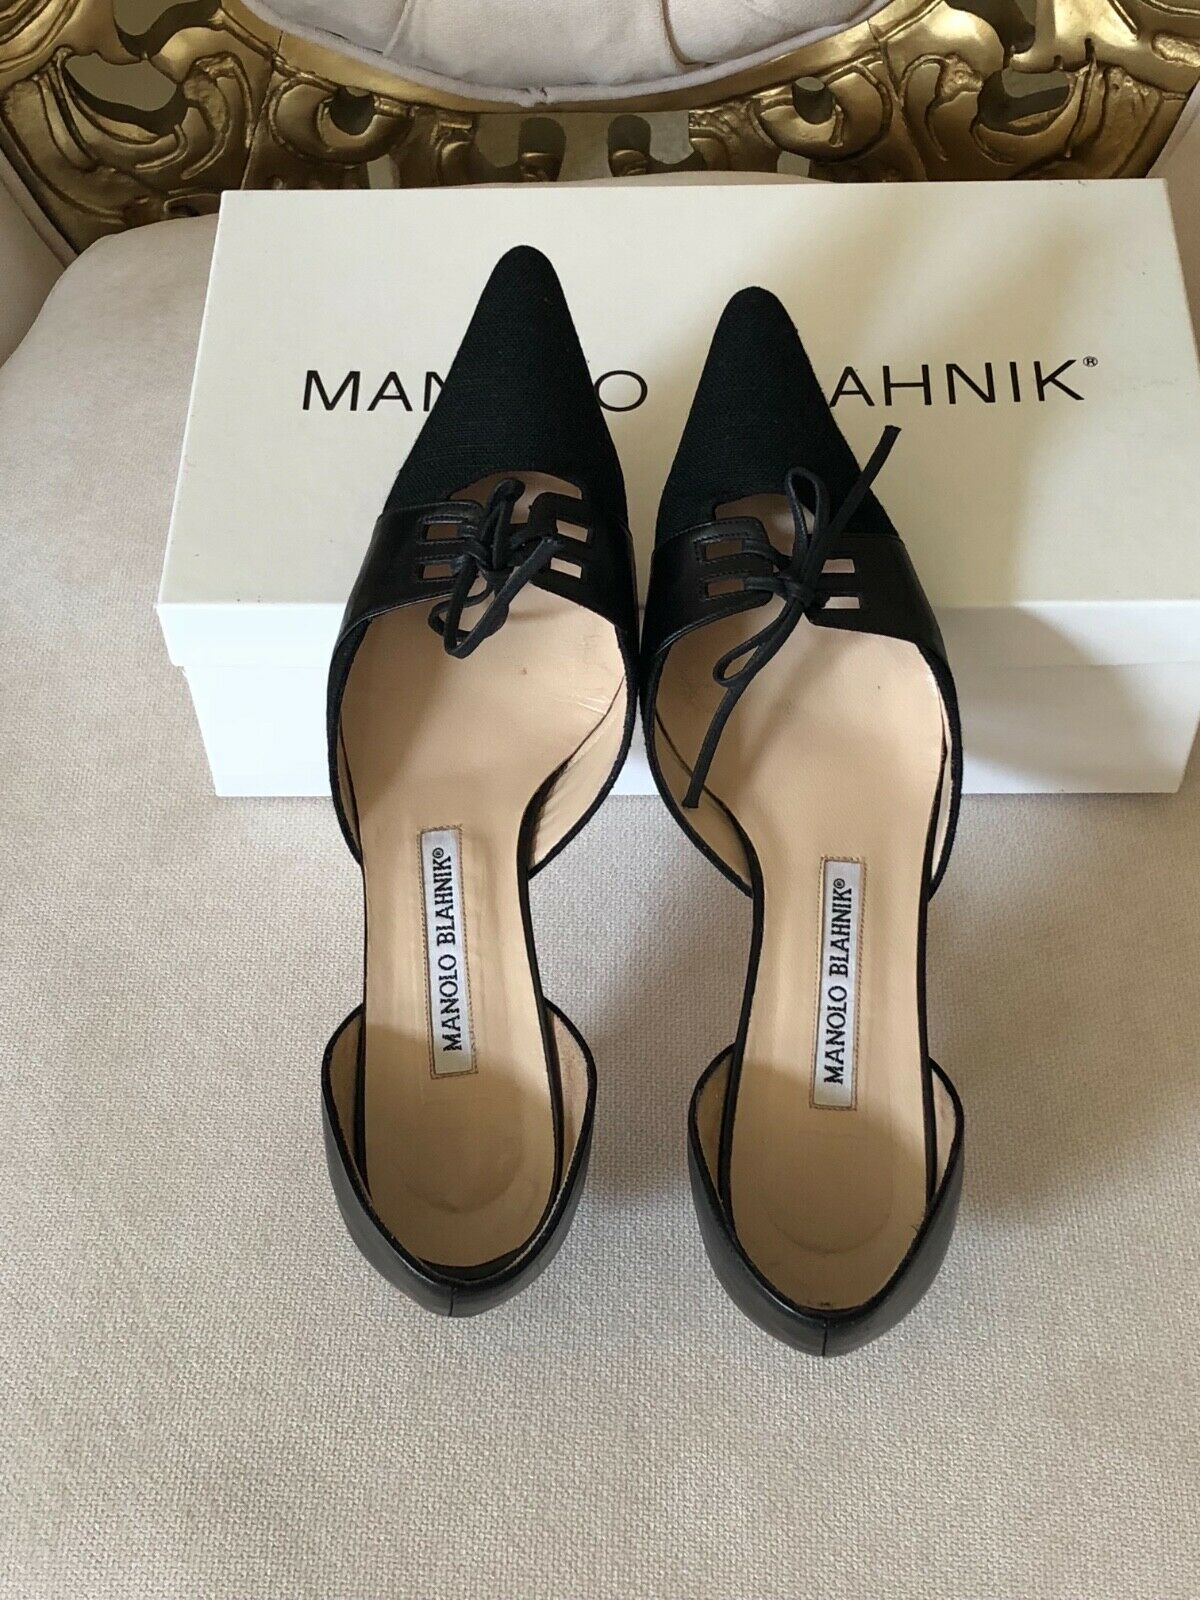 MANOLO BLOHNIK scarpe pelle tela Almazan vitello di dimensioni  nere US 6.5B UK 36.5  benvenuto a scegliere